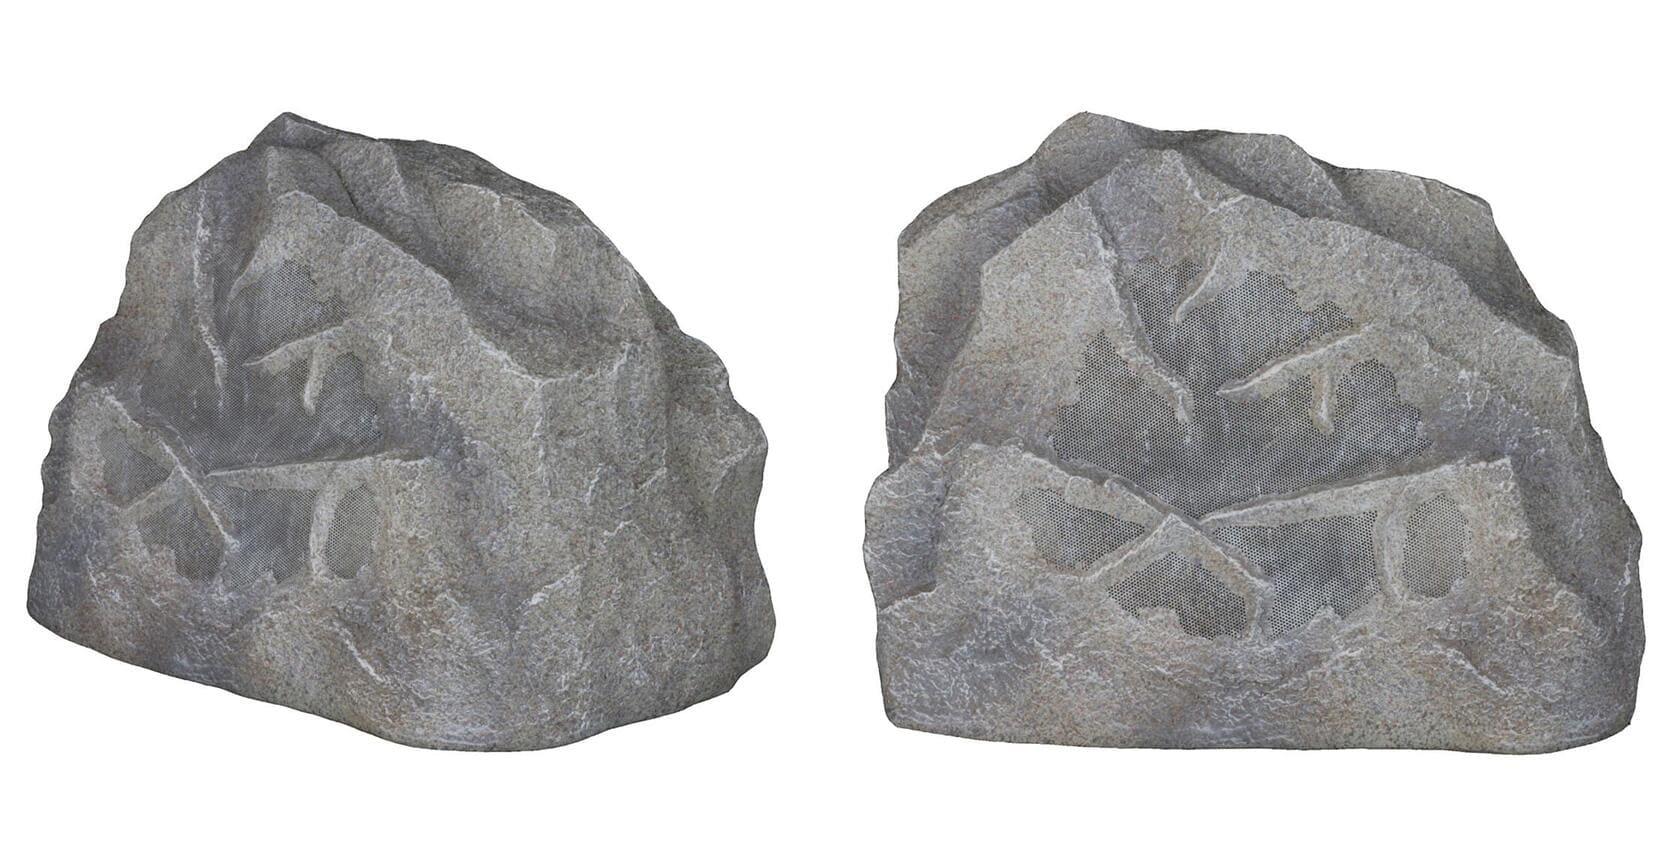 Rocks_Hero - колонки в виде камня